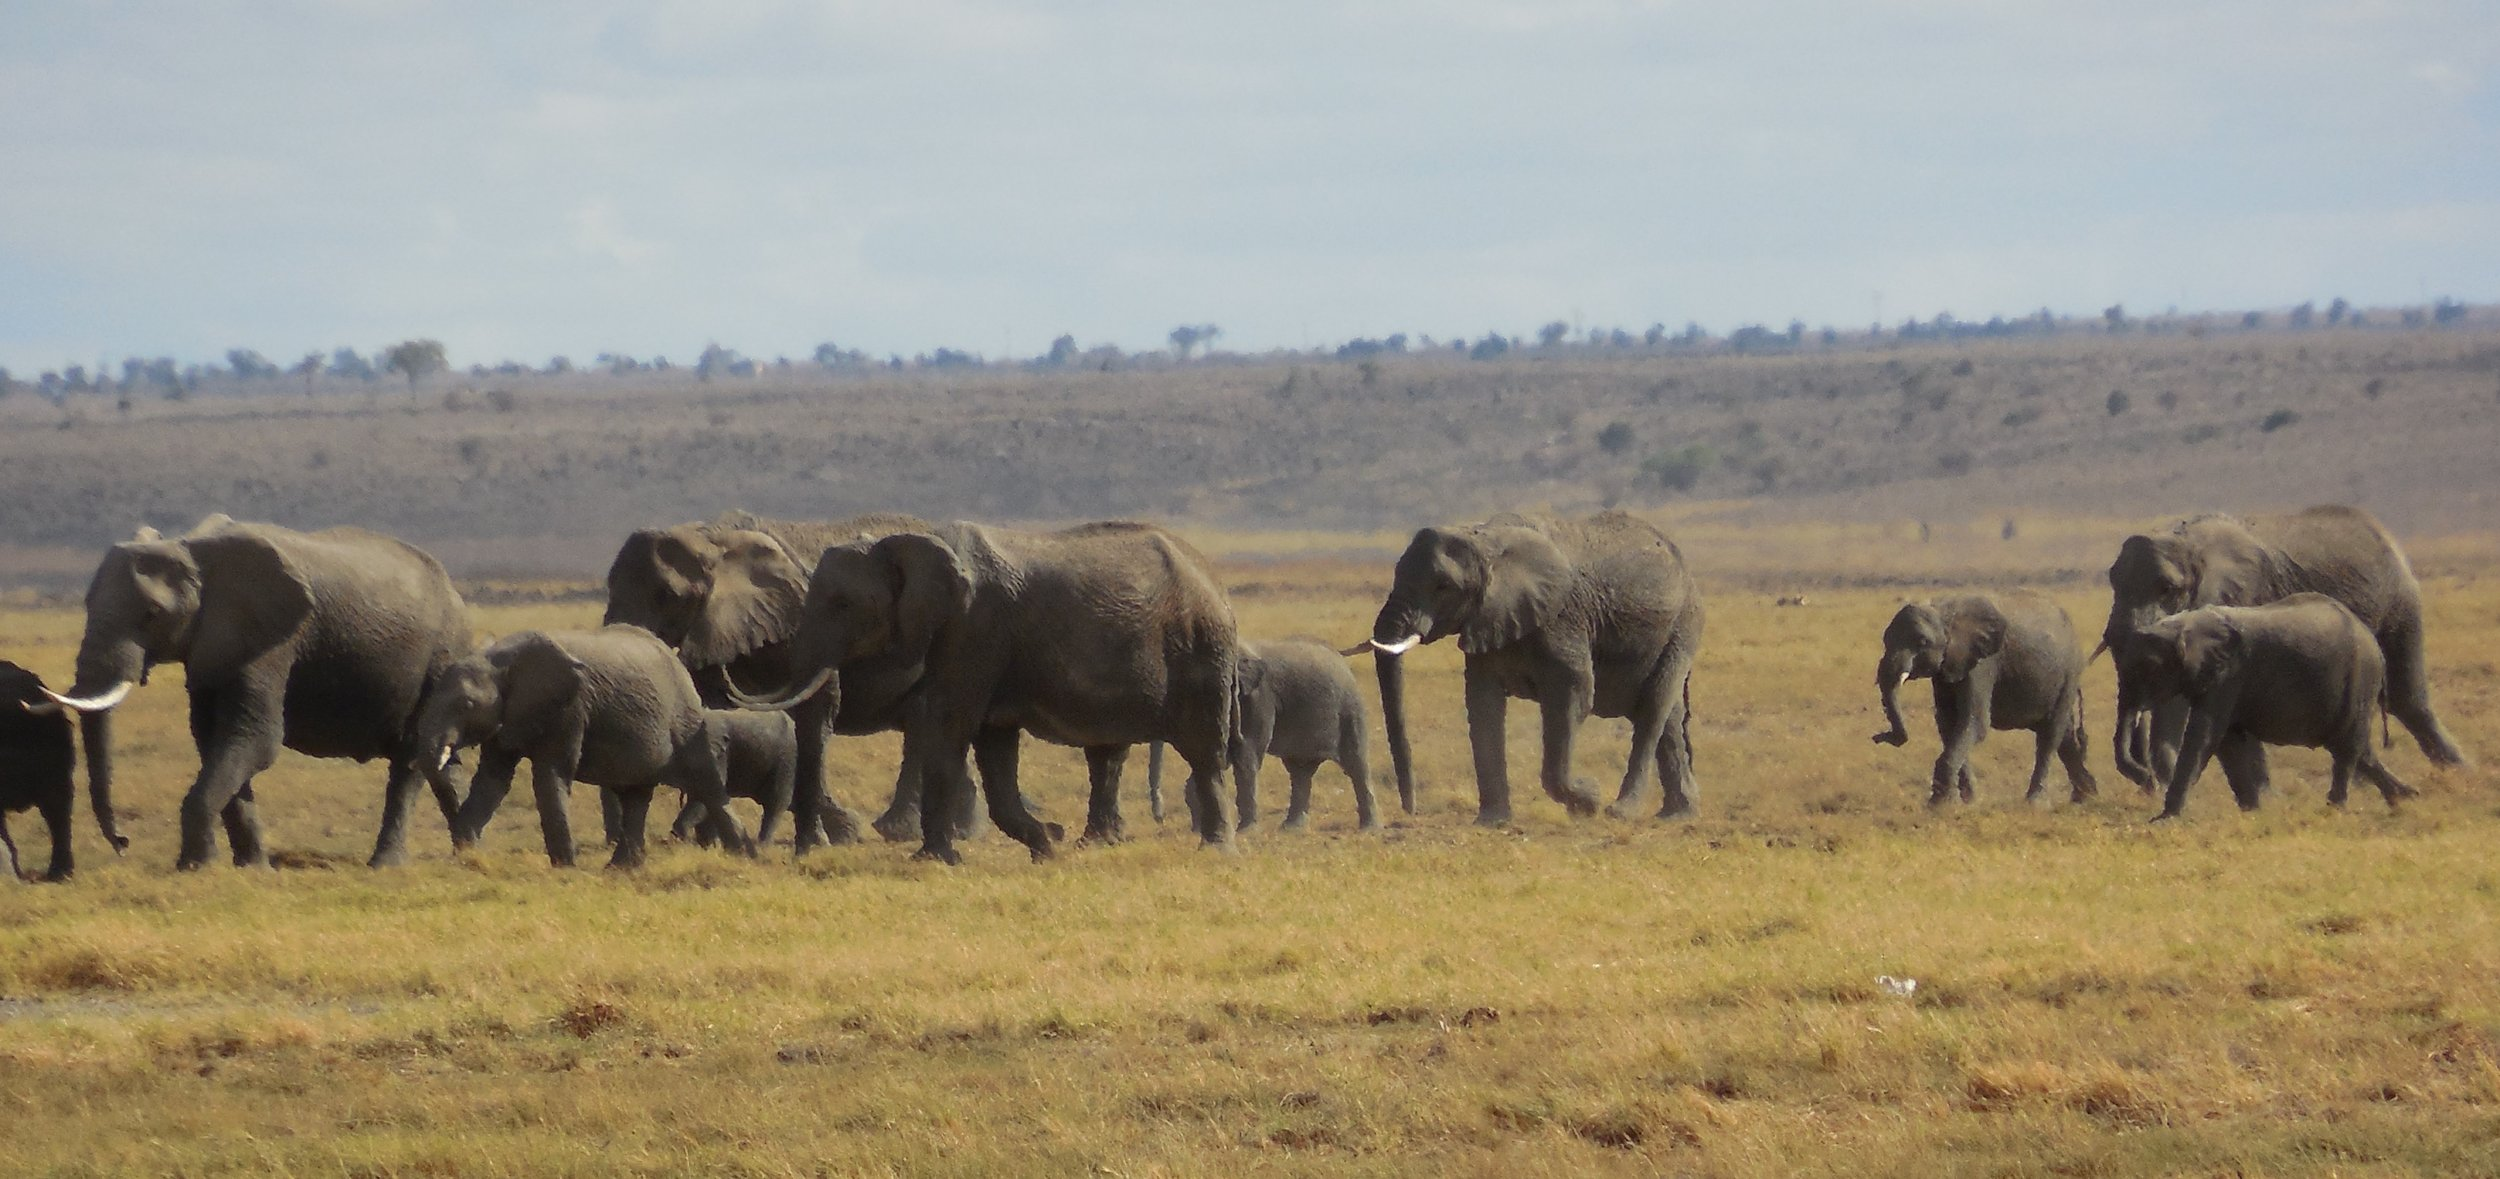 Amboseli Elephants, Kenya ©Flyga Twiga LLC